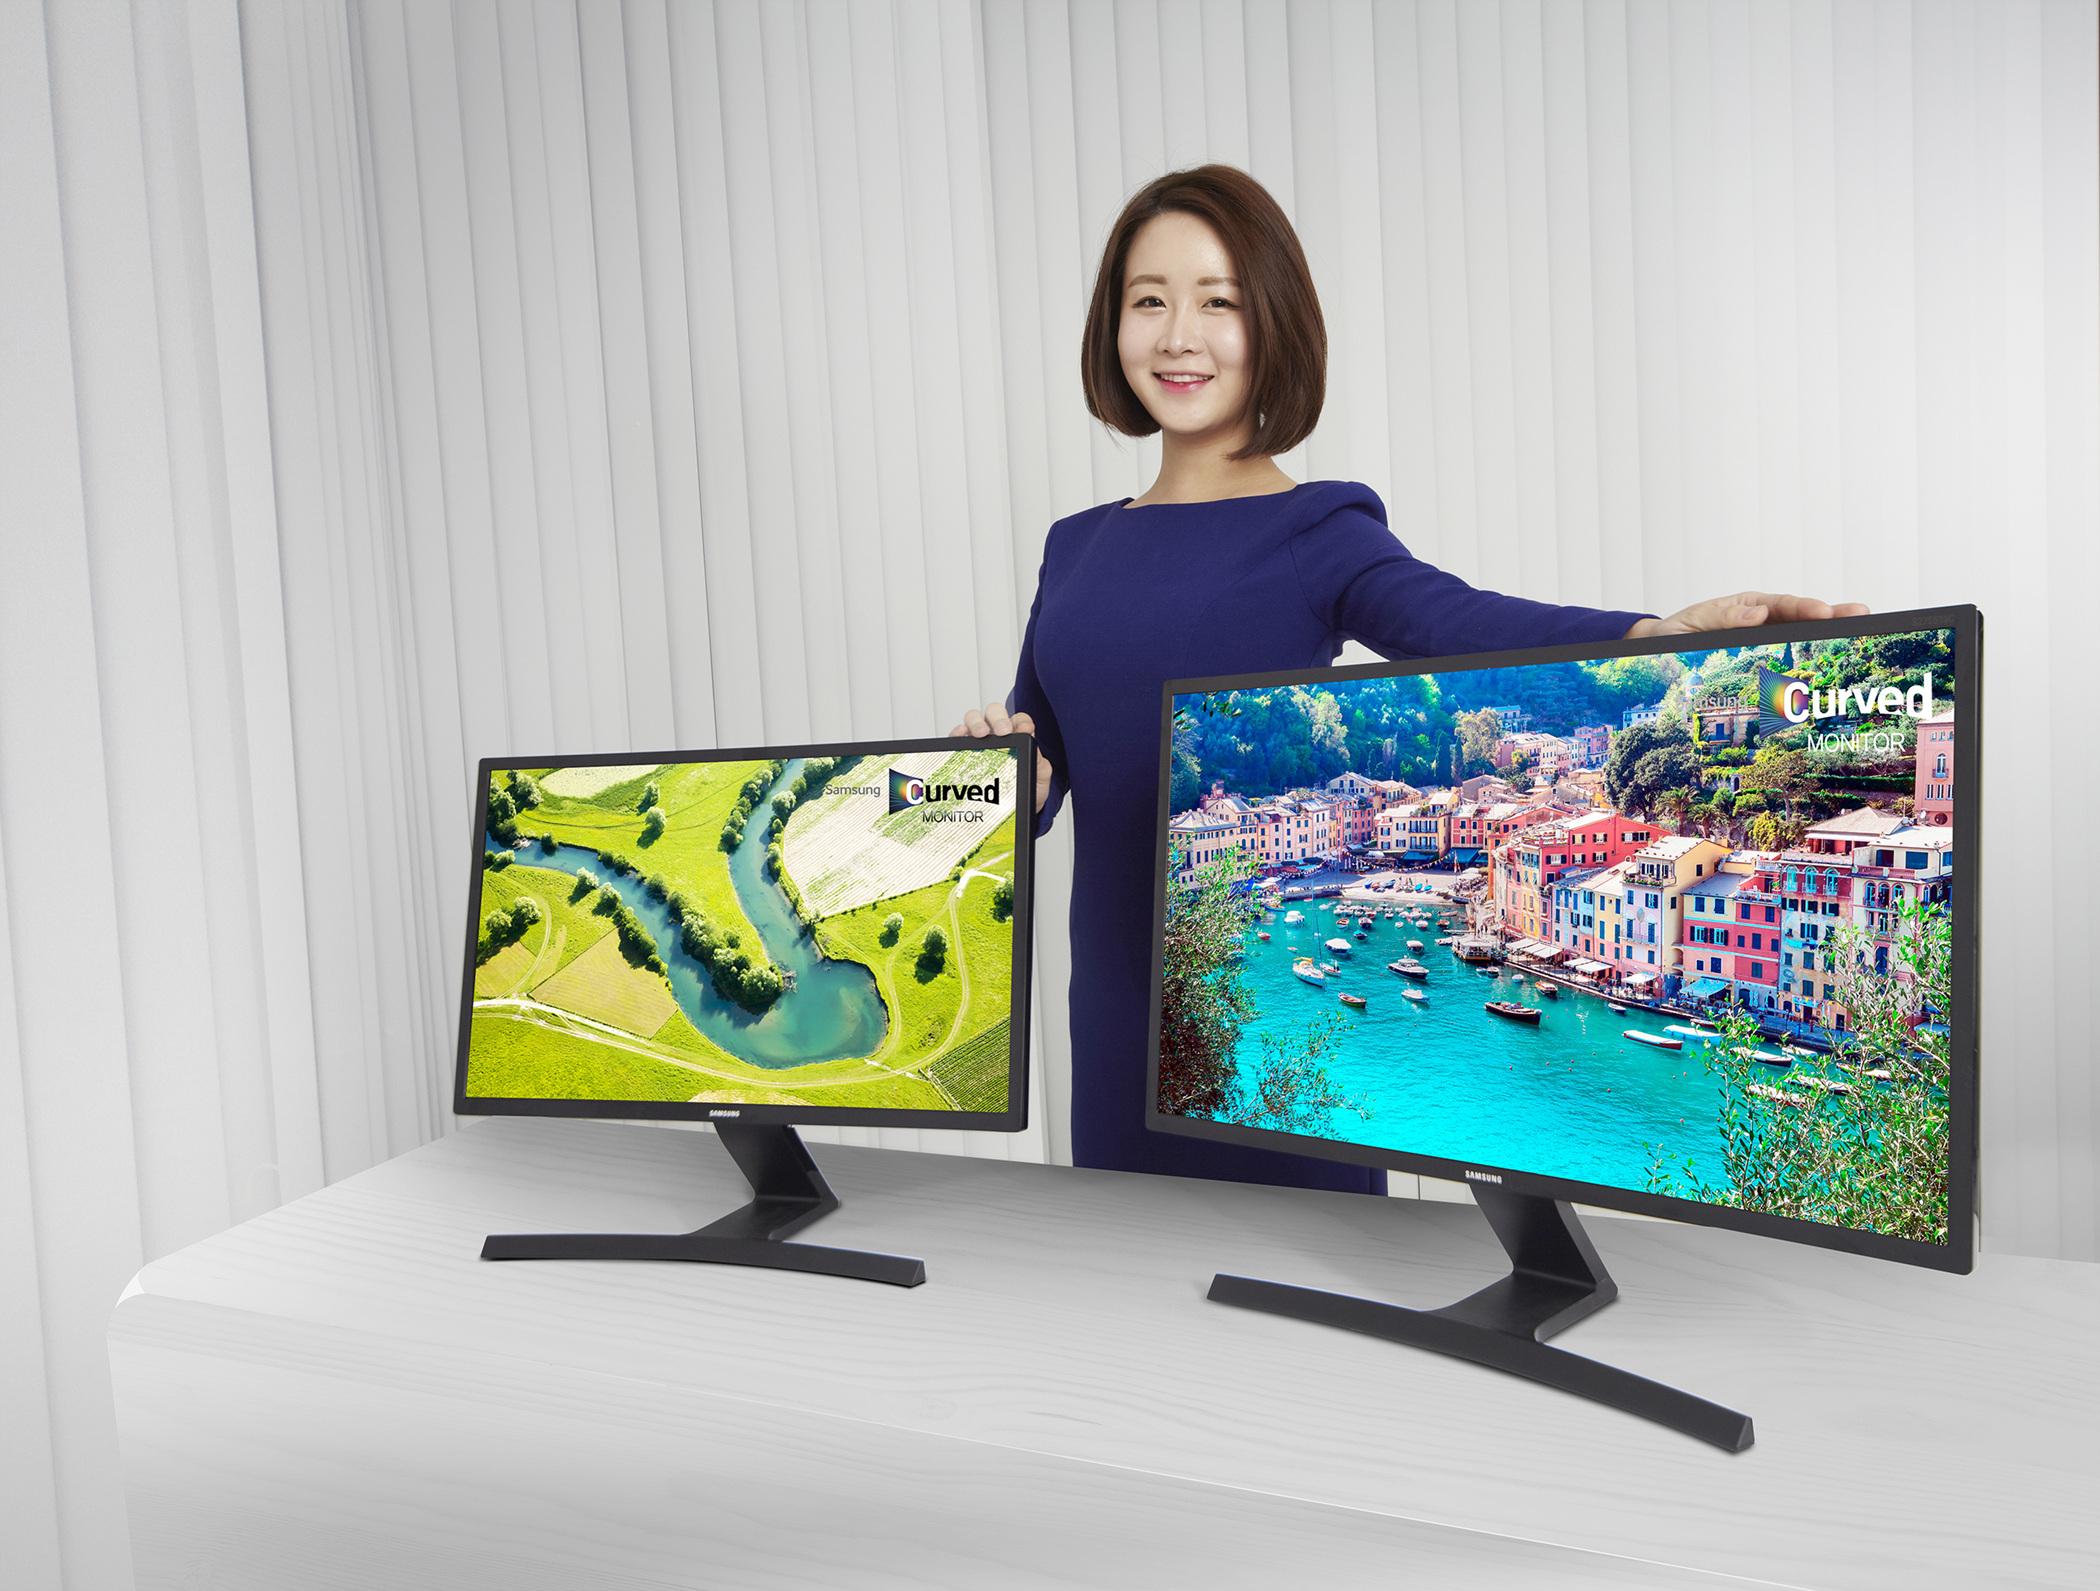 삼성전가 커브드 모니터 라인업 증가 중